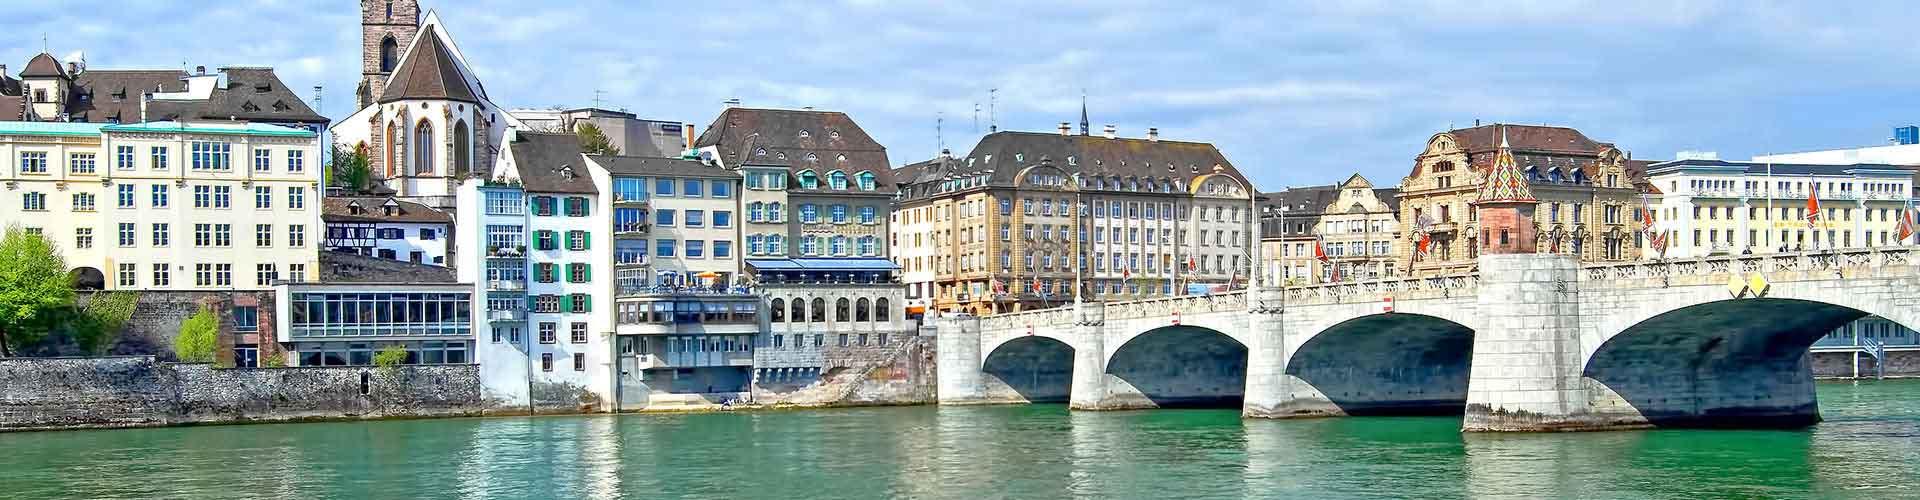 Basel - Auberges de jeunesse à Basel. Cartes pour Basel, photos et commentaires pour chaque auberge de jeunesse à Basel.